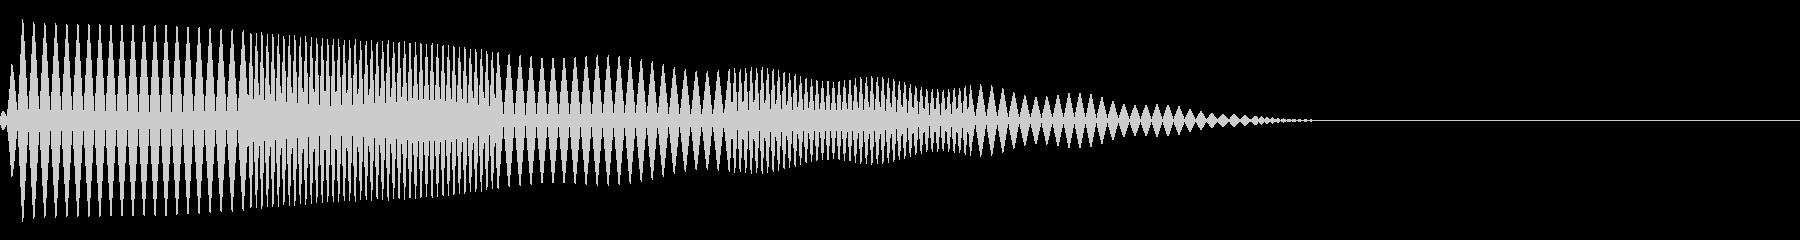 ピコッ(選択/魔法/ファミコン/ピコピコの未再生の波形